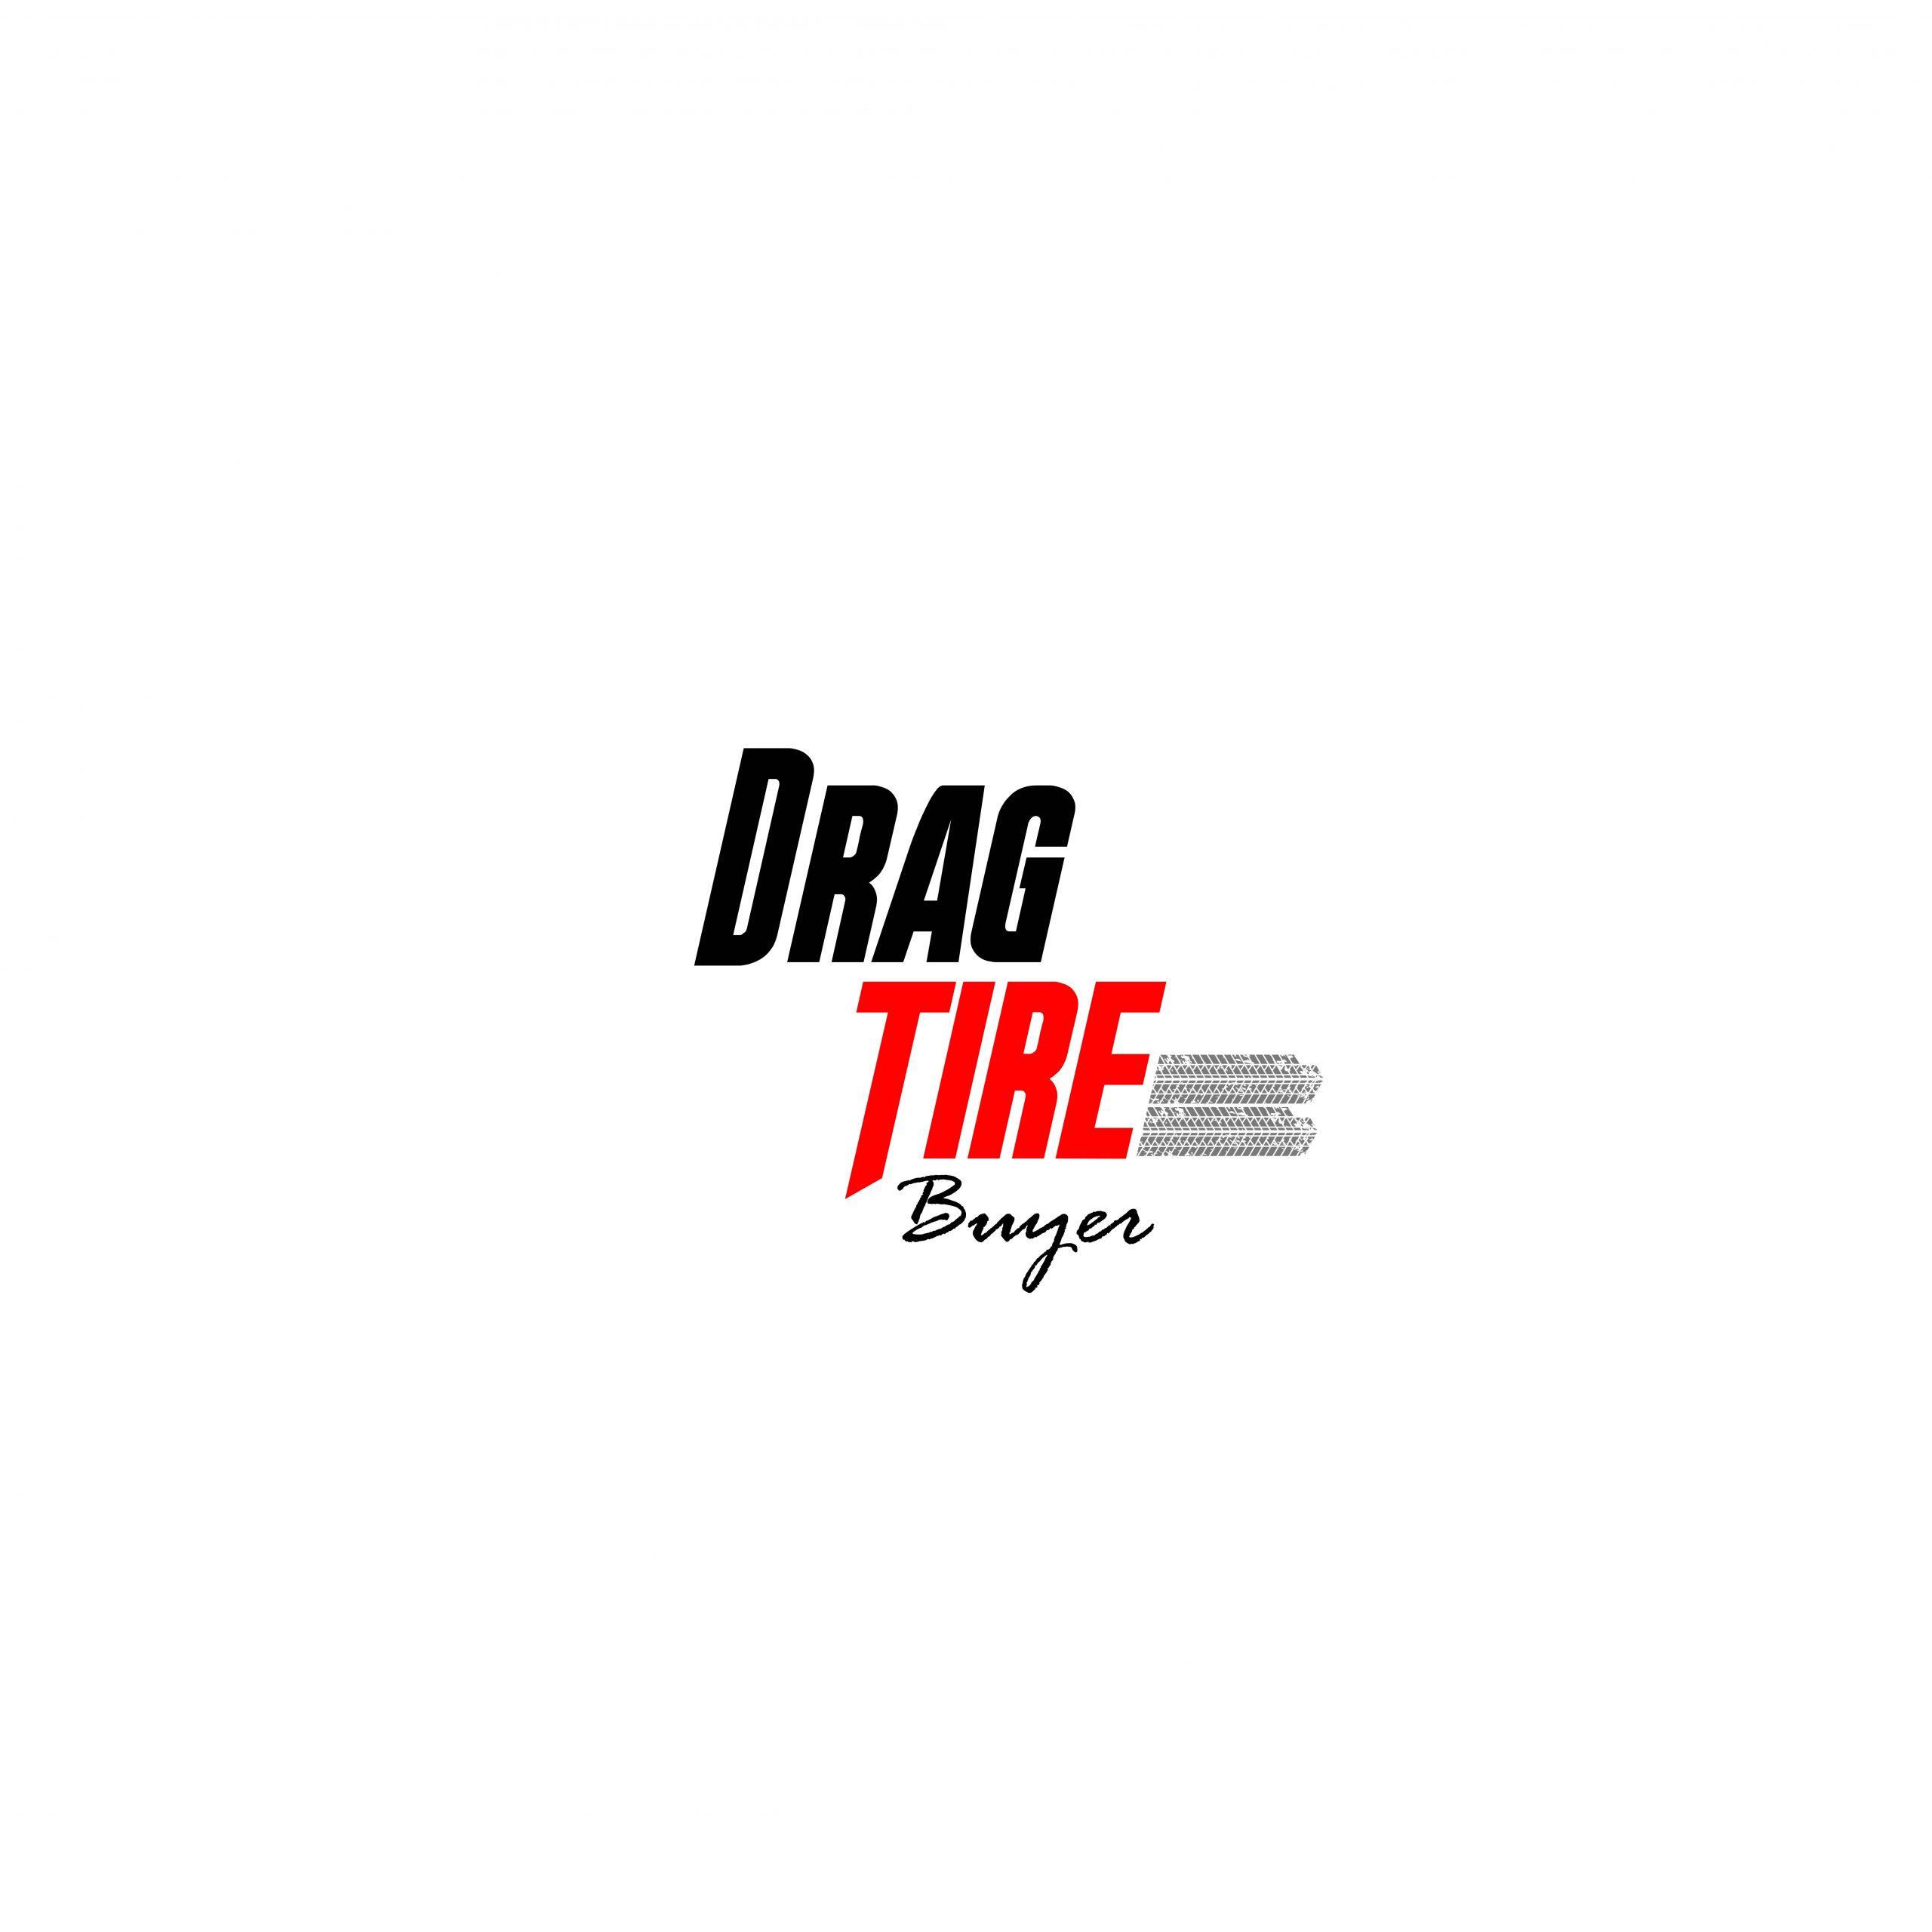 Drag Tire Buyer